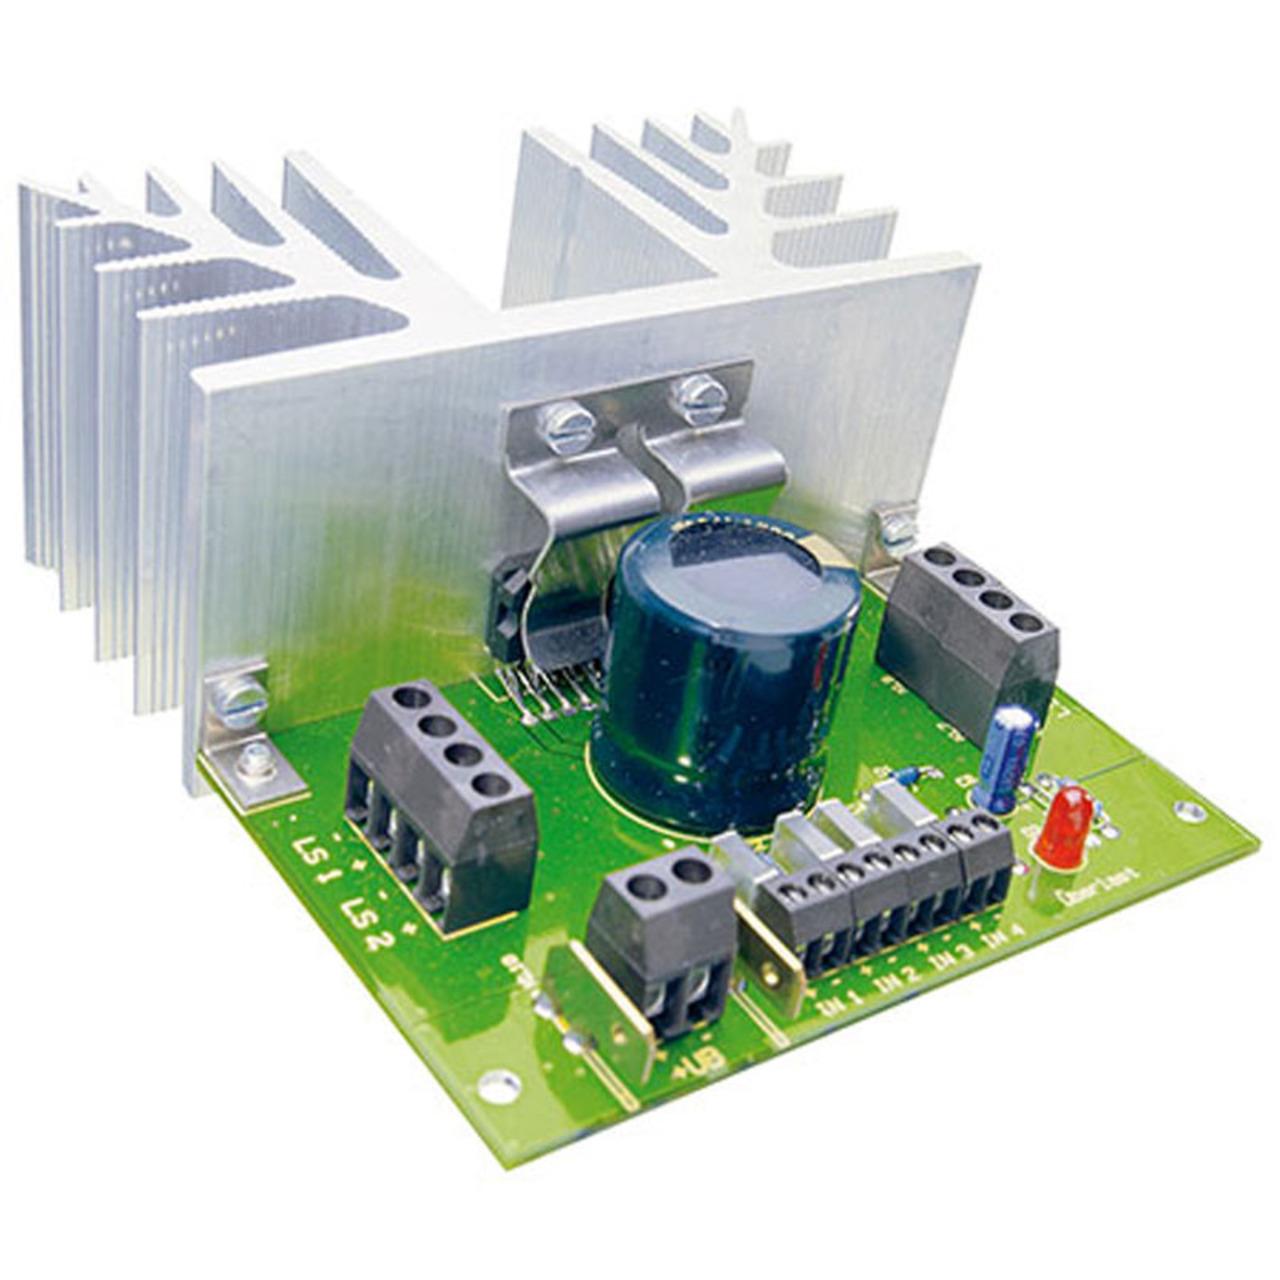 ELV Bausatz Verstärker V 40- 4x40 Watt- ohne Kühlkörper